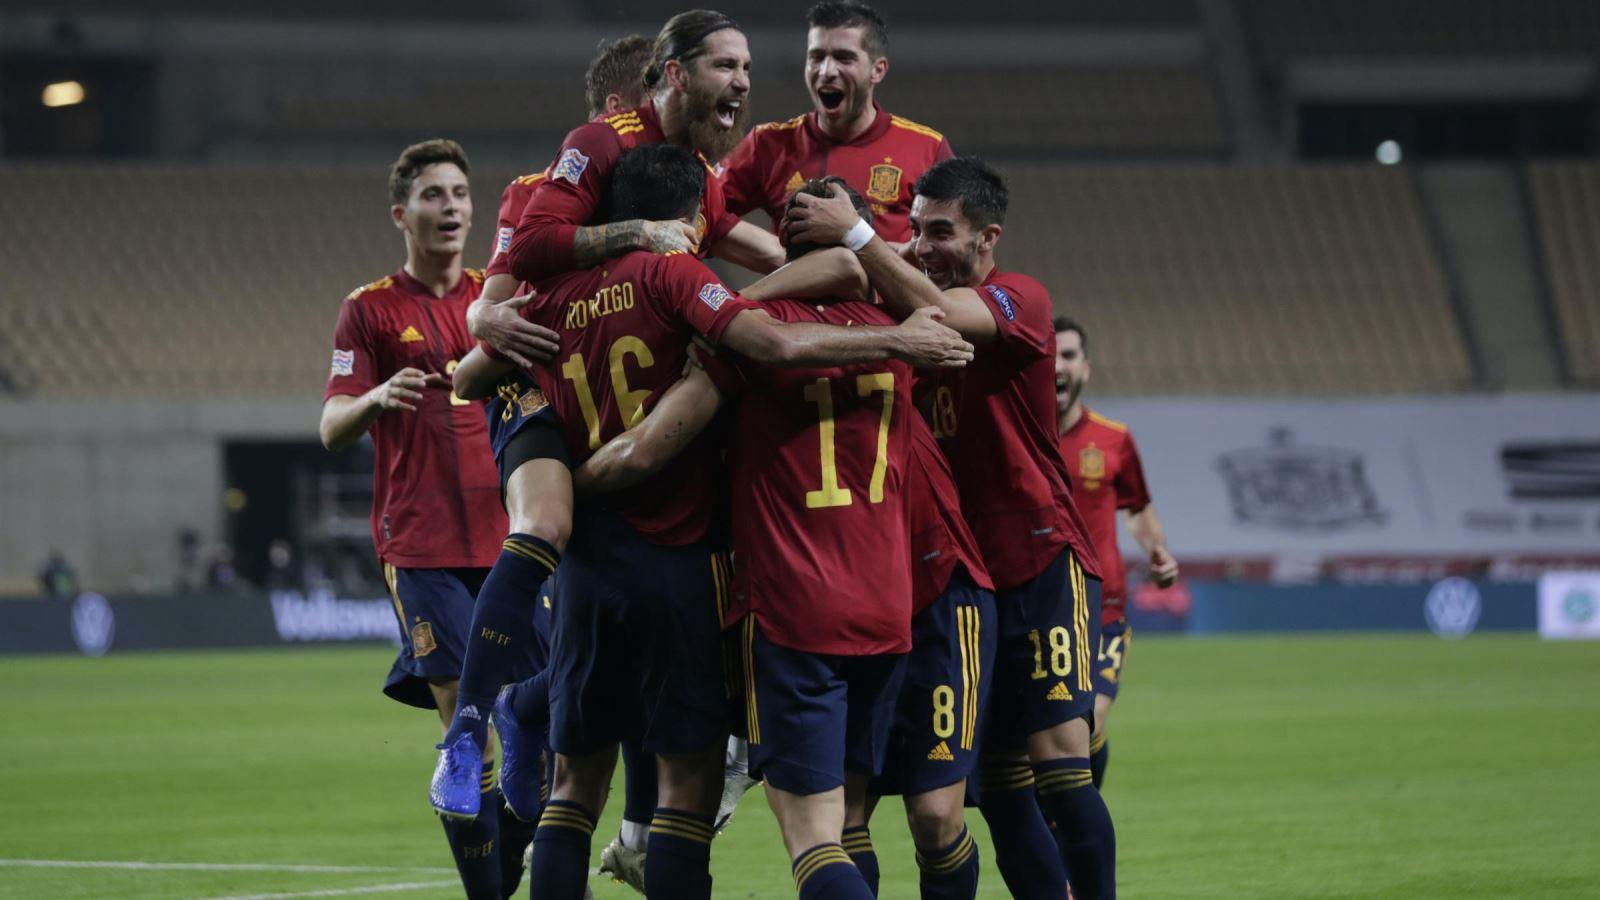 Bóng đá hôm nay 18/11: Tây Ban Nha thắng Đức 6-0. MU thanh lý 3 cầu thủ